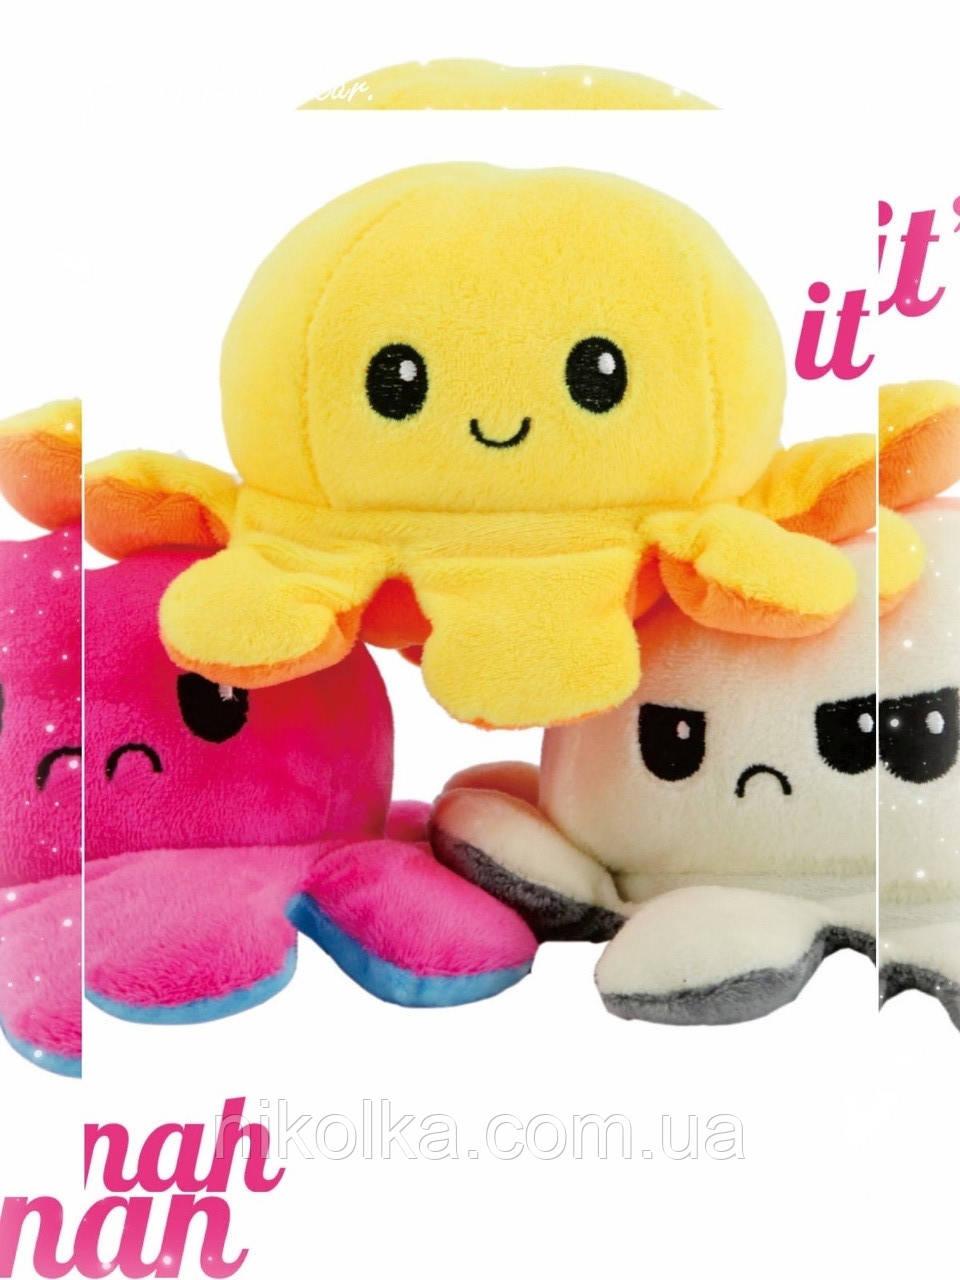 Двухсторонняя игрушка для детей оптом, арт. viva z